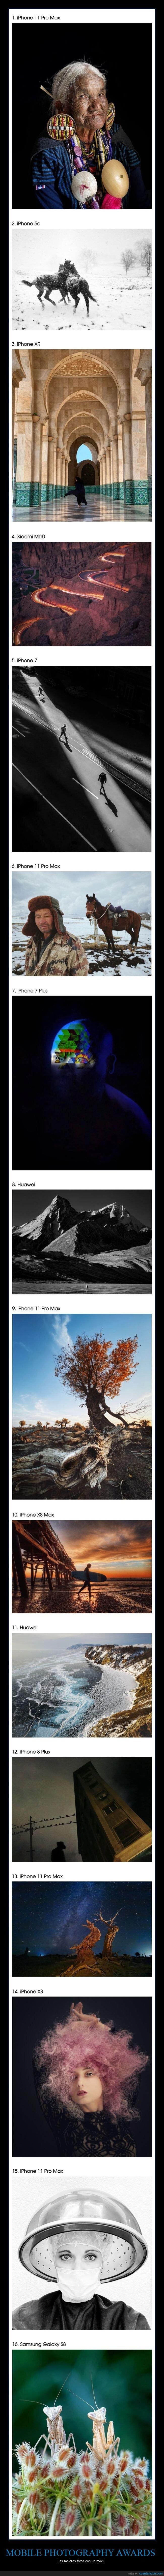 concurso,fotografía,móvil